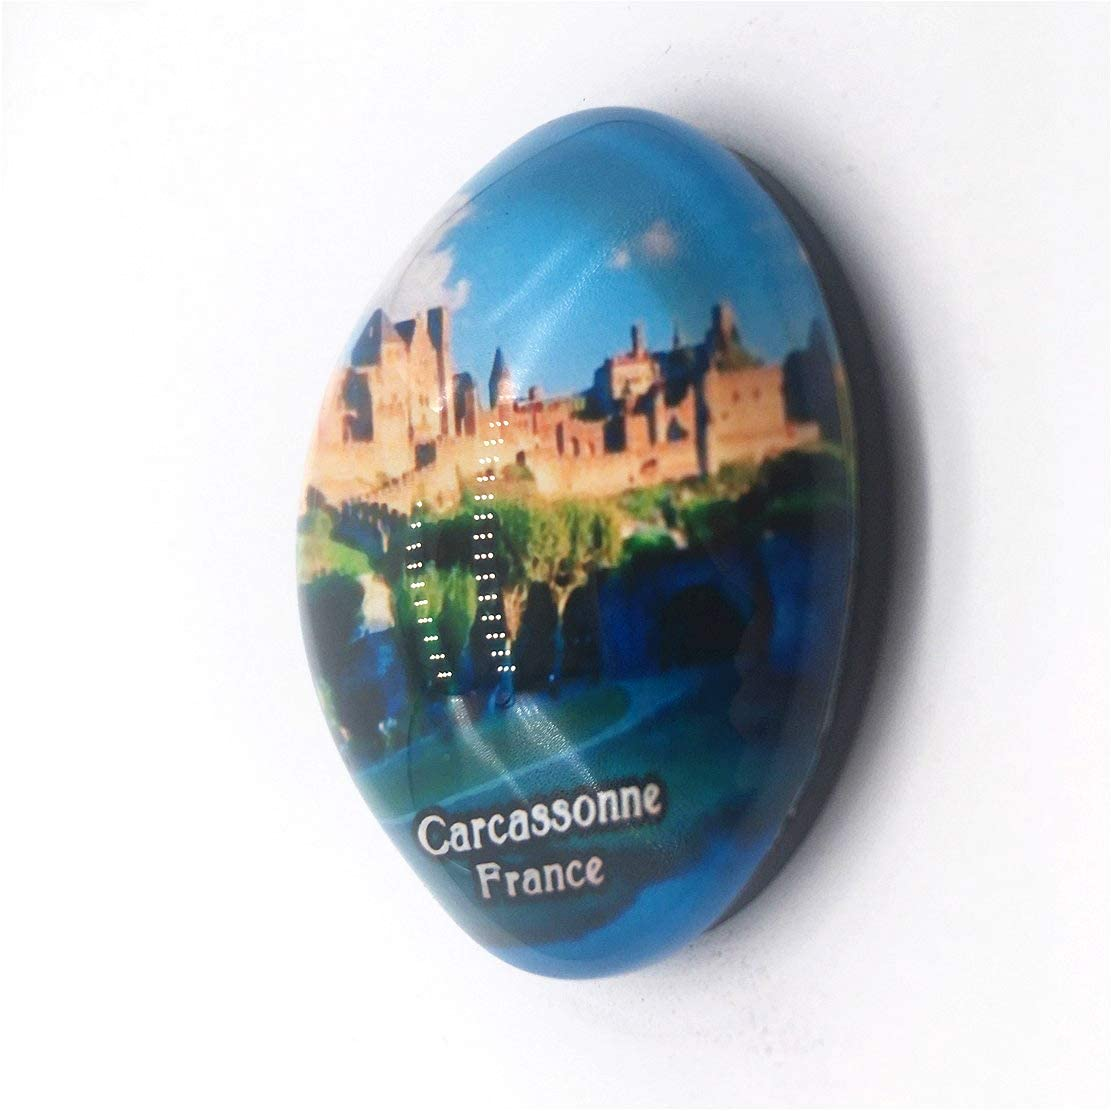 Weekino Souvenir Castillo de Carcassonne Francia Imán de Nevera Cristal 3D Cristal Recorrido de Recuerdos de la Ciudad de Turismo Regalo Fuerte Etiqueta Engomada del refrigerador: Amazon.es: Hogar